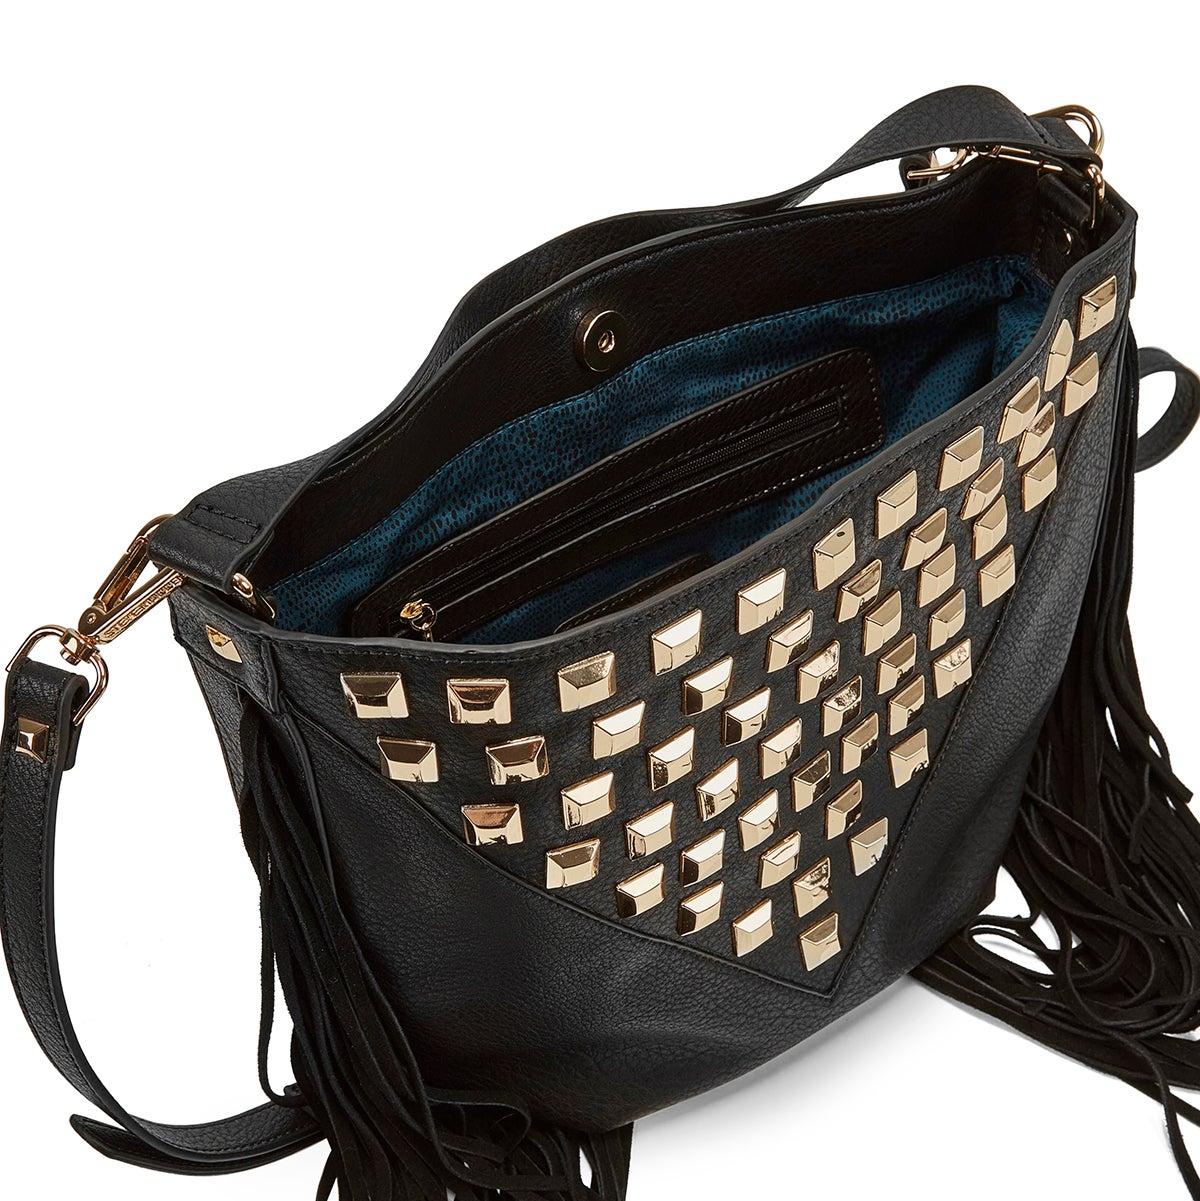 Lds BLibra black tassel hobo bag